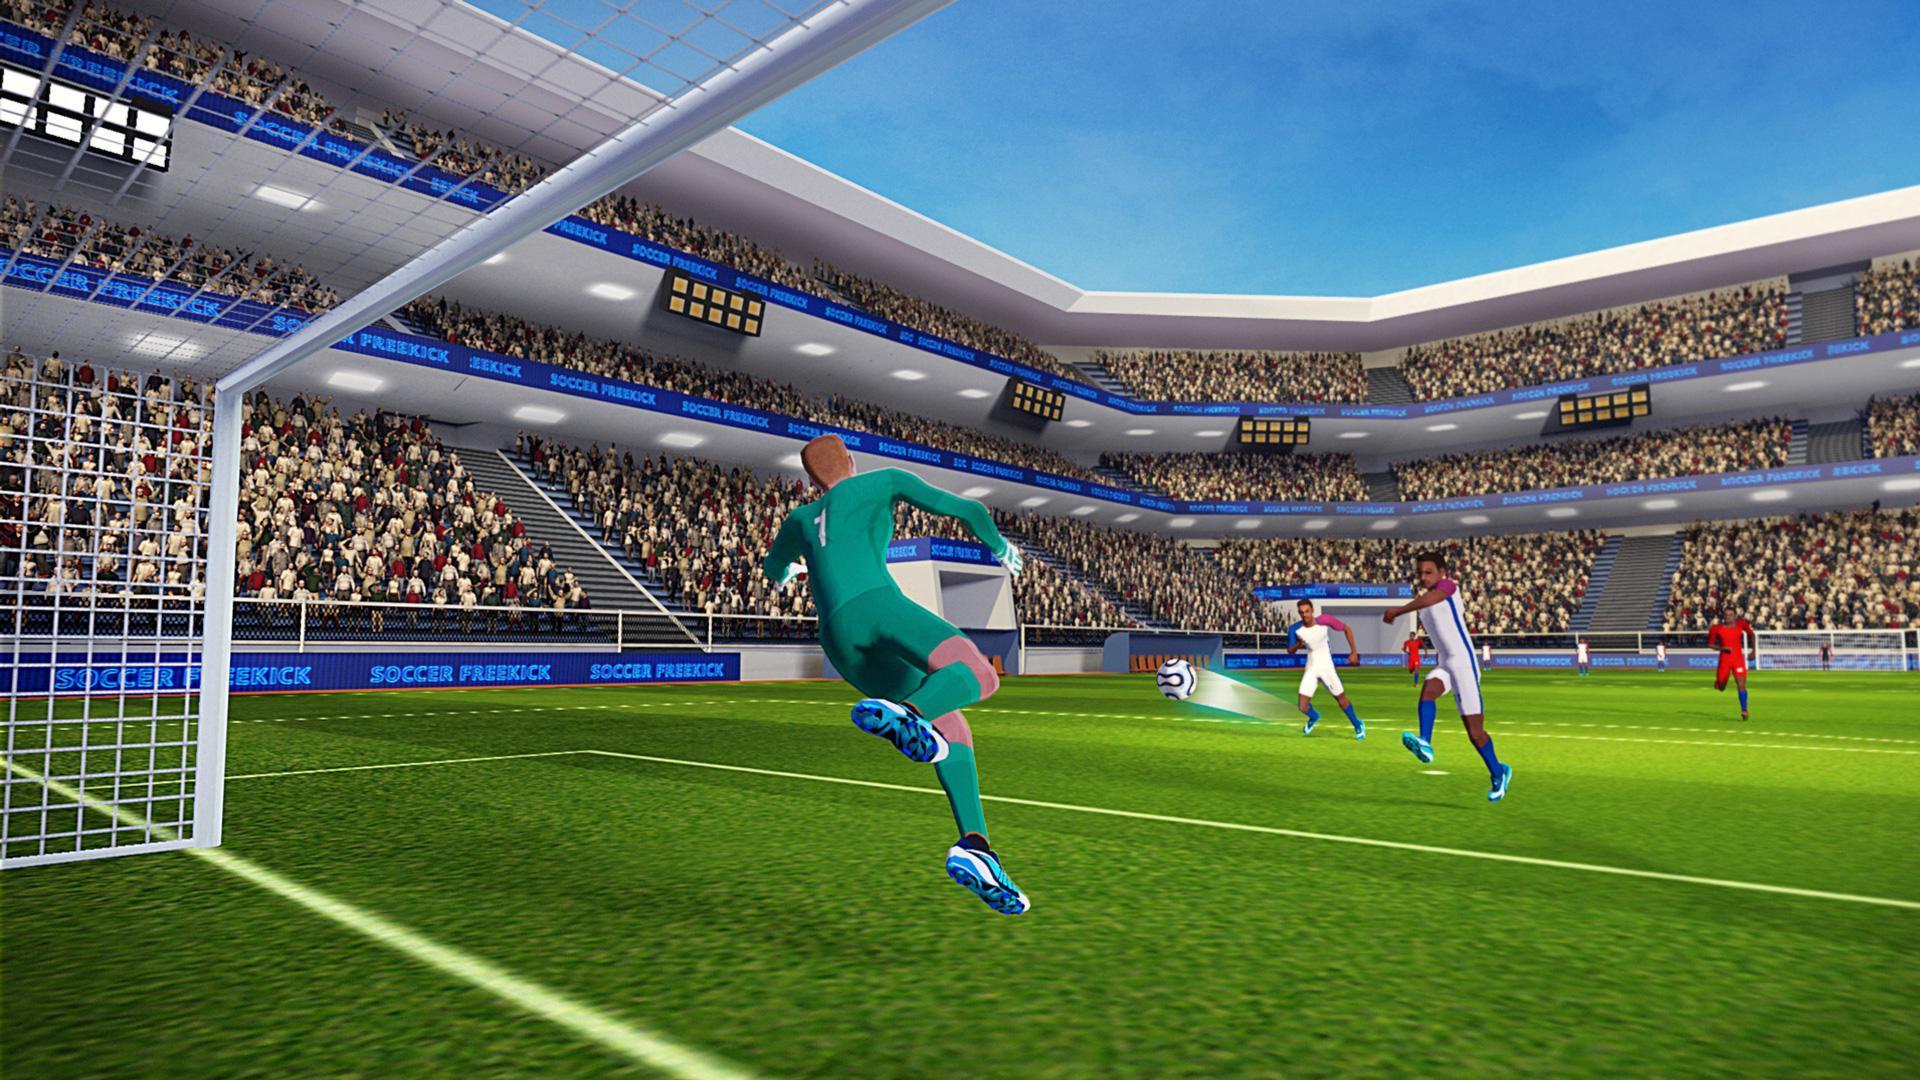 футбол лига мире трешбокс